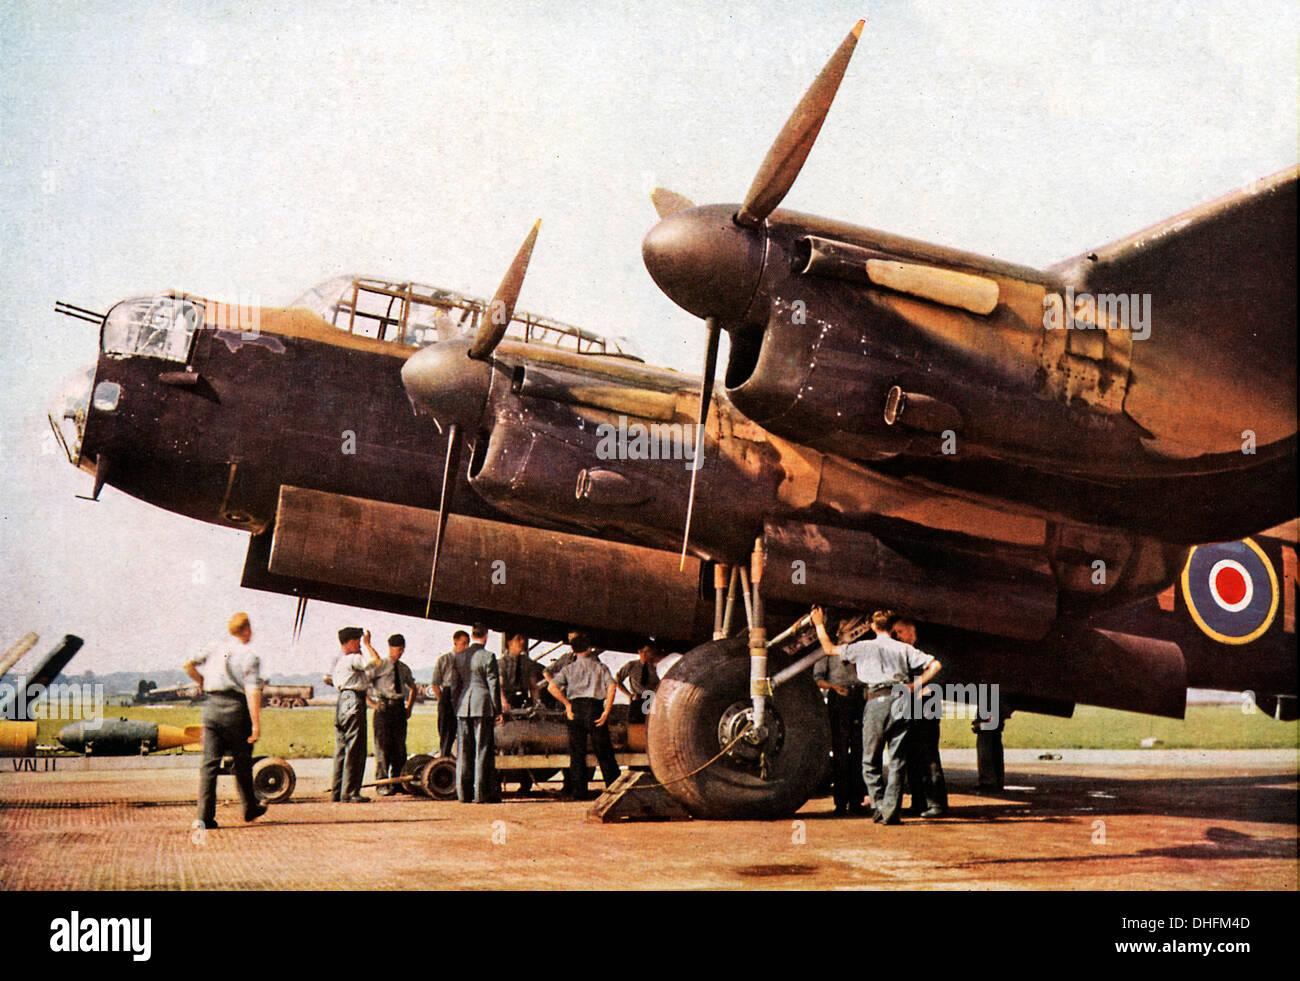 Caricamento di un bombardiere lancaster, 1942 foto a colori dell'iconico raf bombardiere pesante bombardamento Immagini Stock